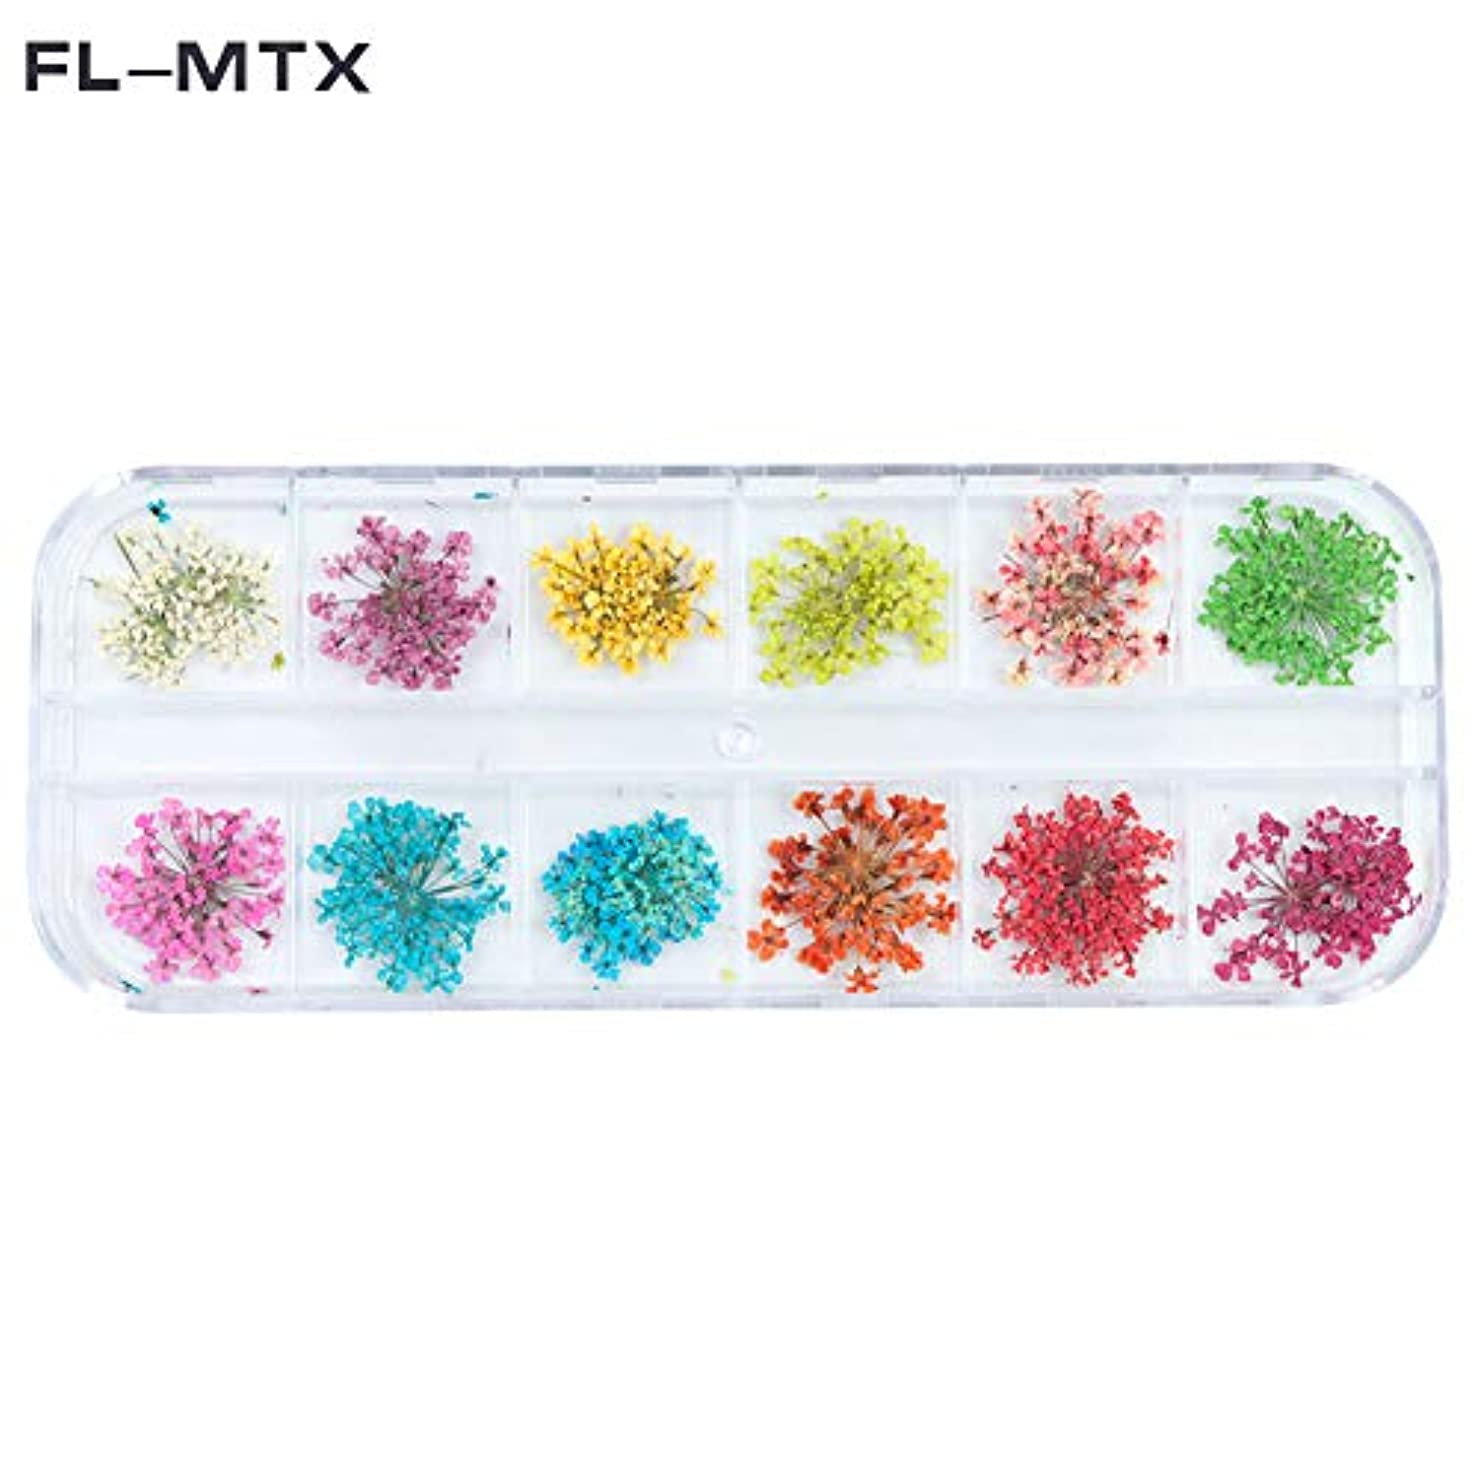 塩辛い驚くべき時制1パックのネイルジュエリードライフラワーdiyクラフト(fl-mtx)の3dフラワーネイル装飾用ドライネイル用品の12色違い